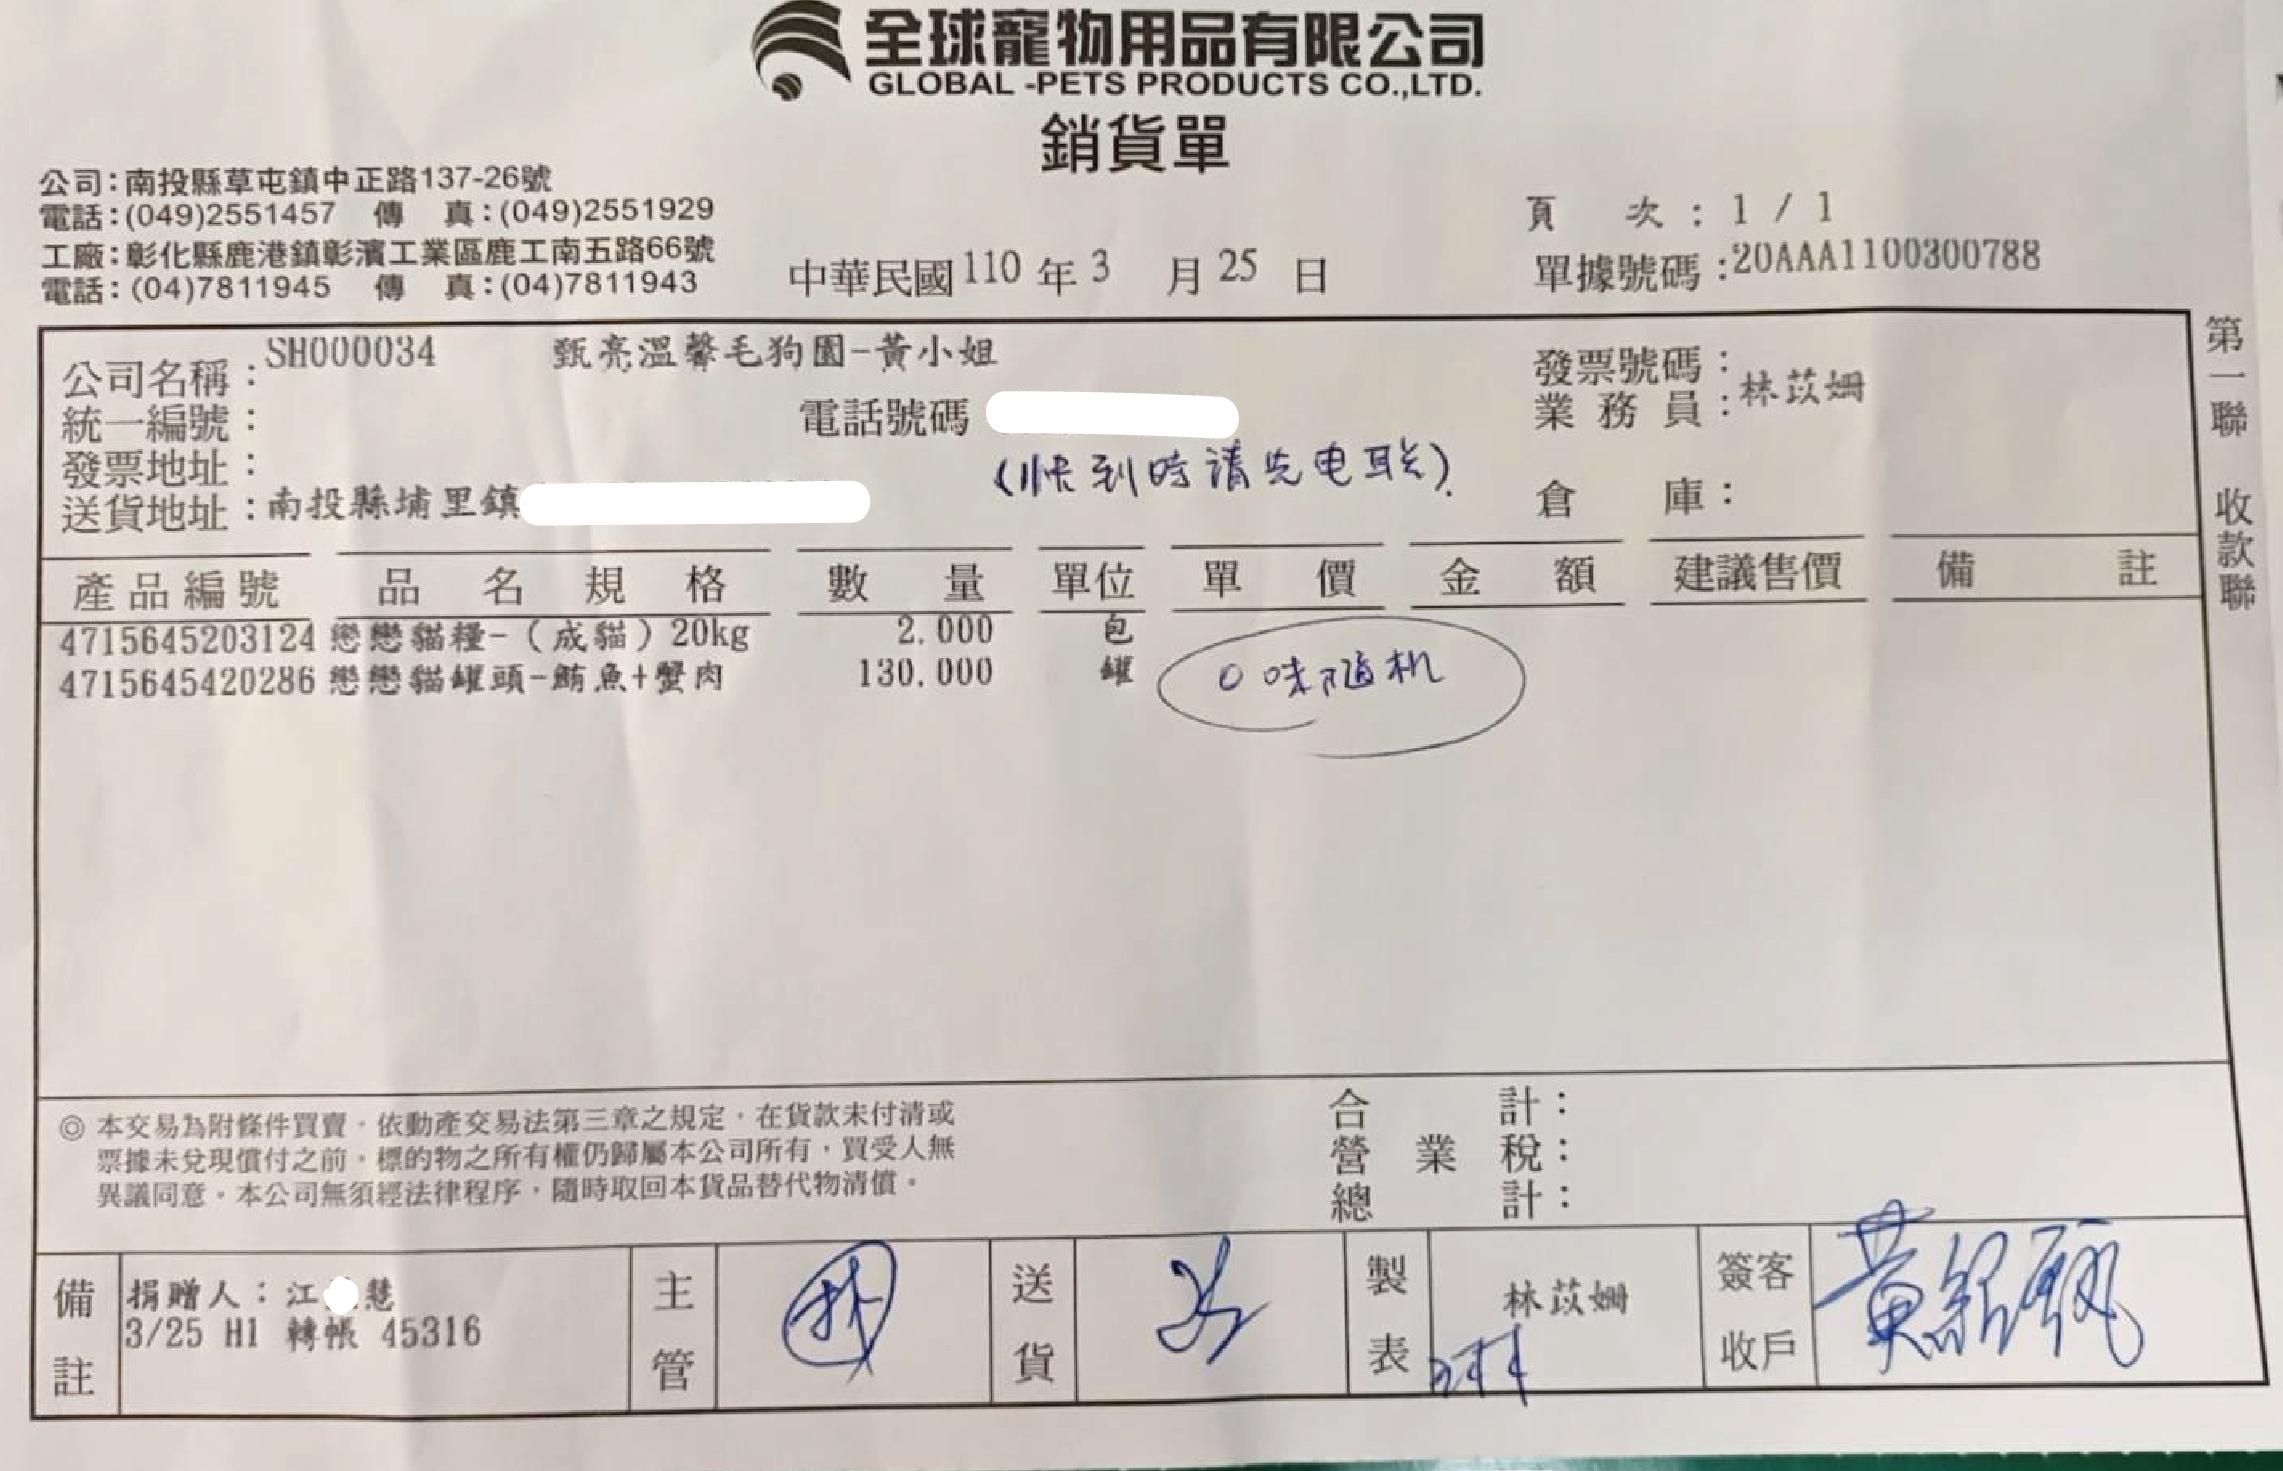 20公斤貓飼料&130罐貓罐頭送達甄亮溫馨毛家園